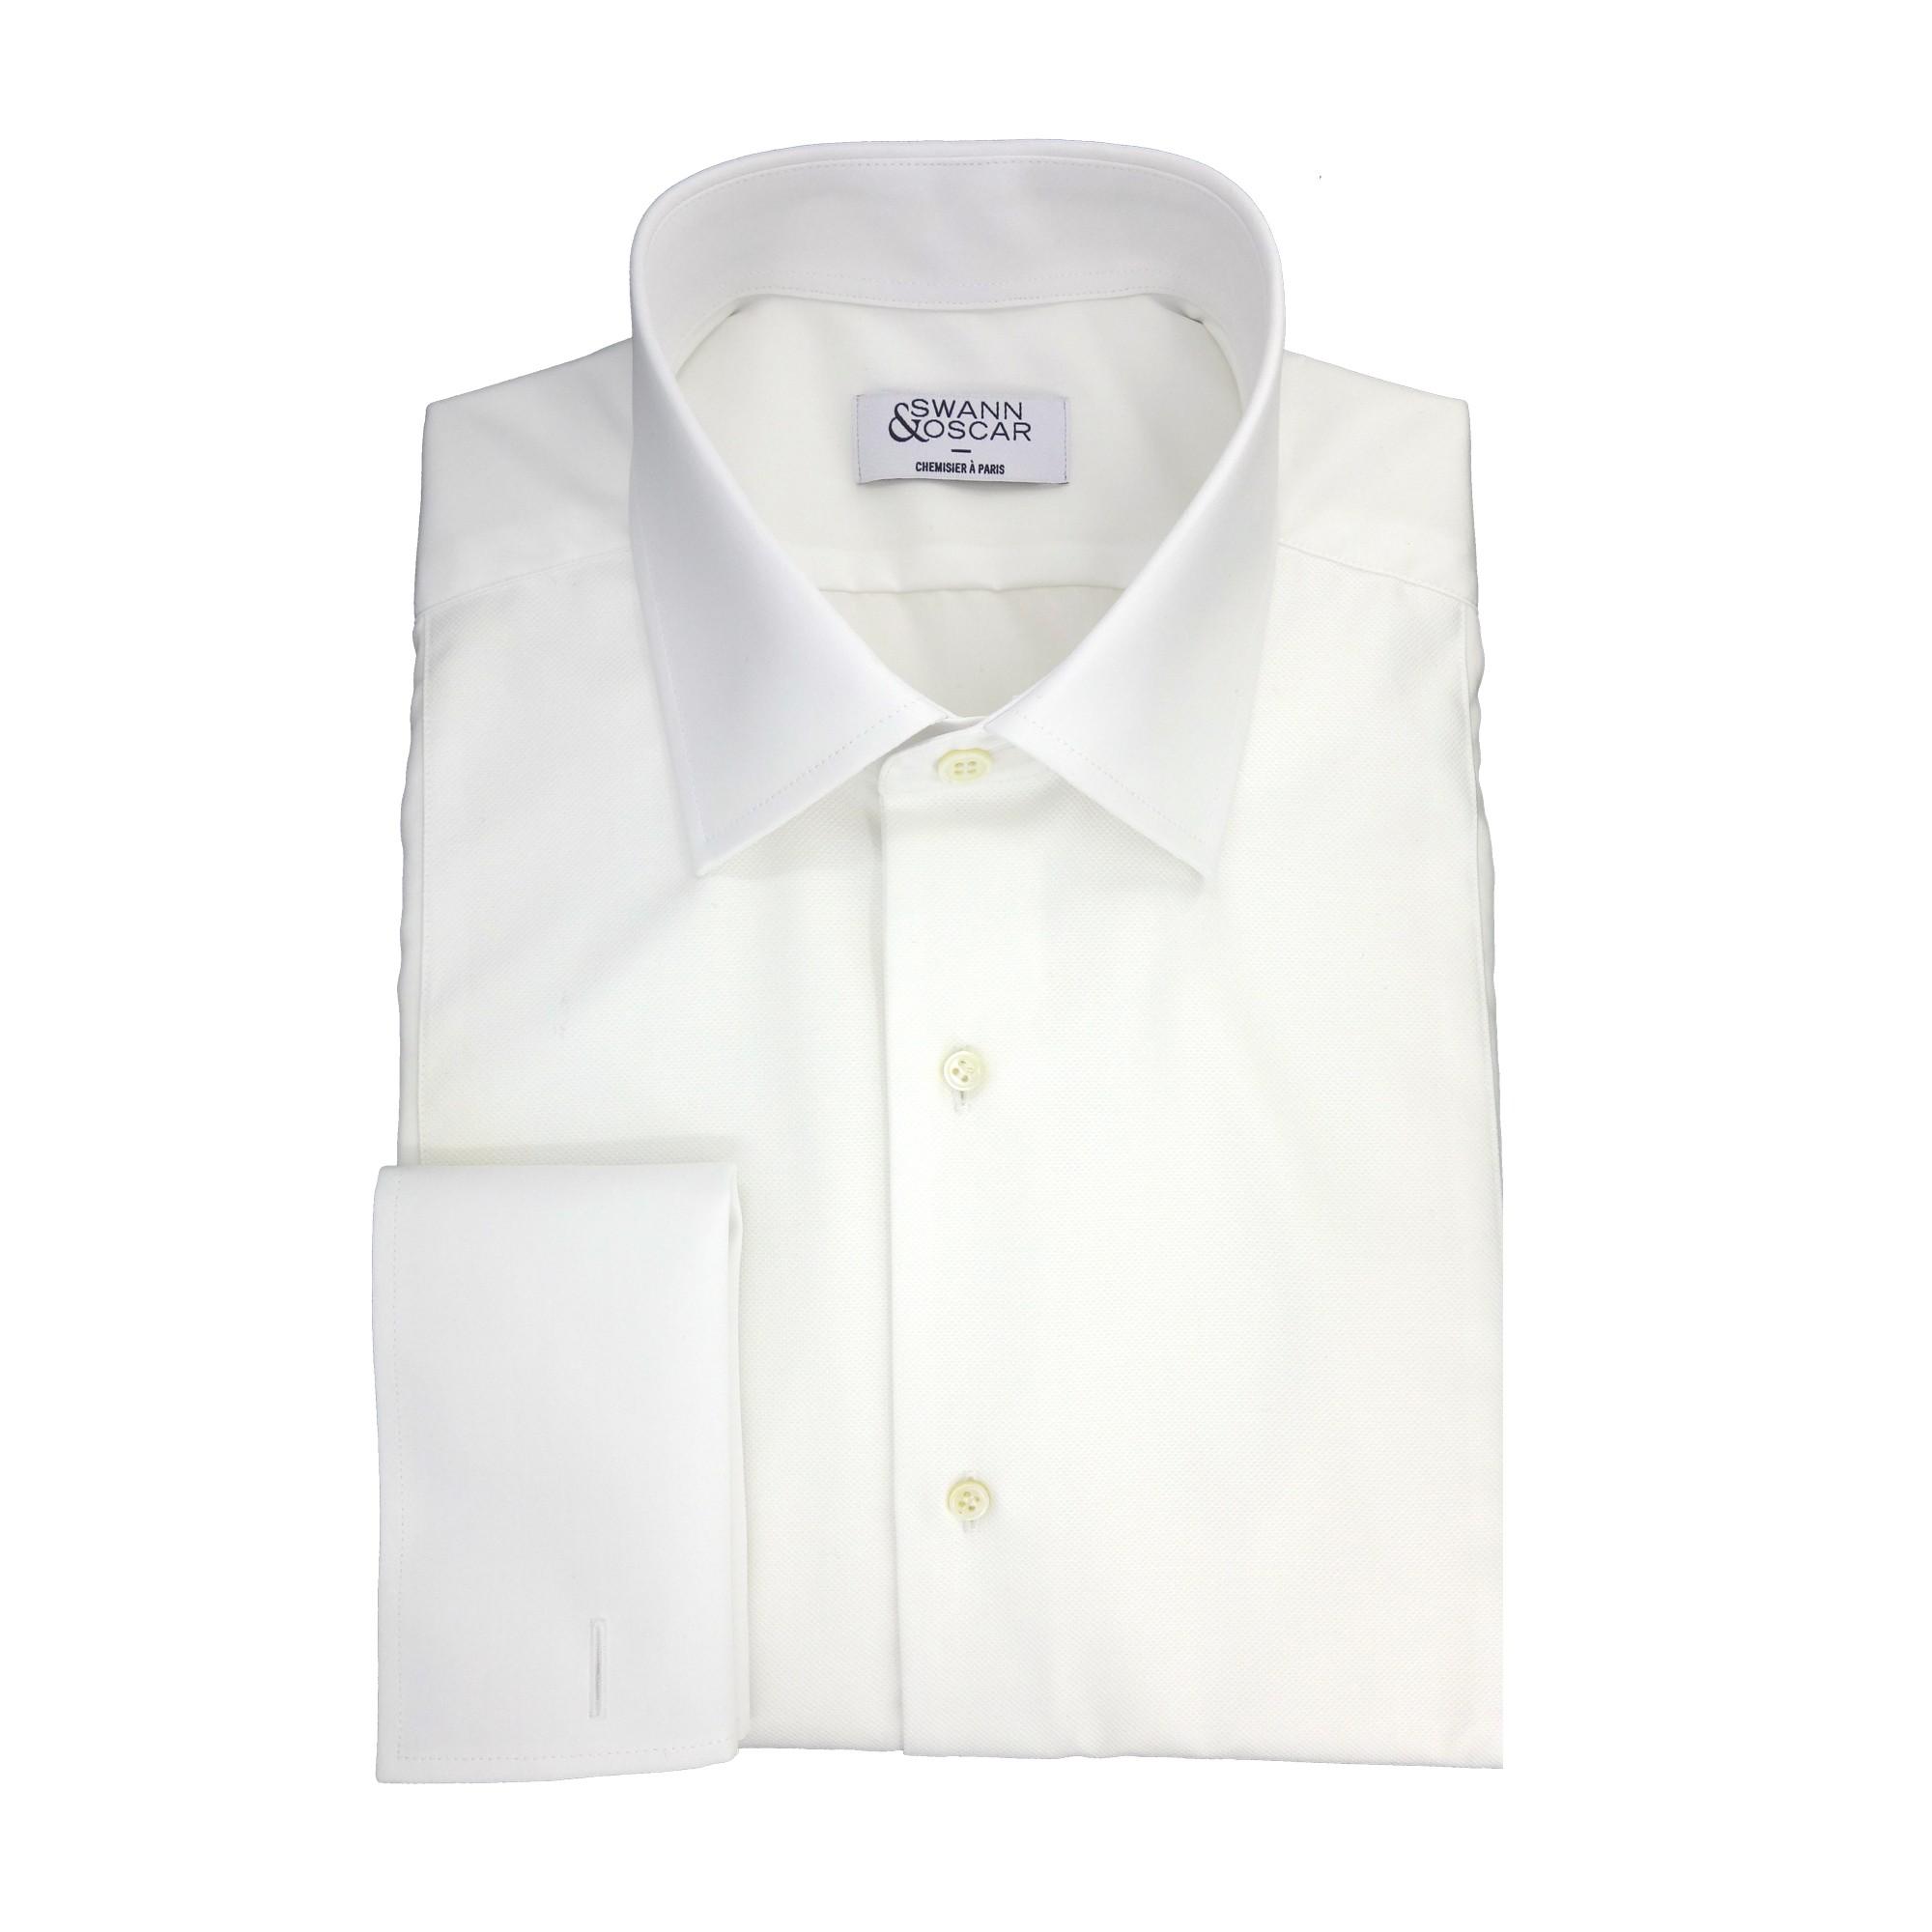 Swann and Oscar chemise blanche